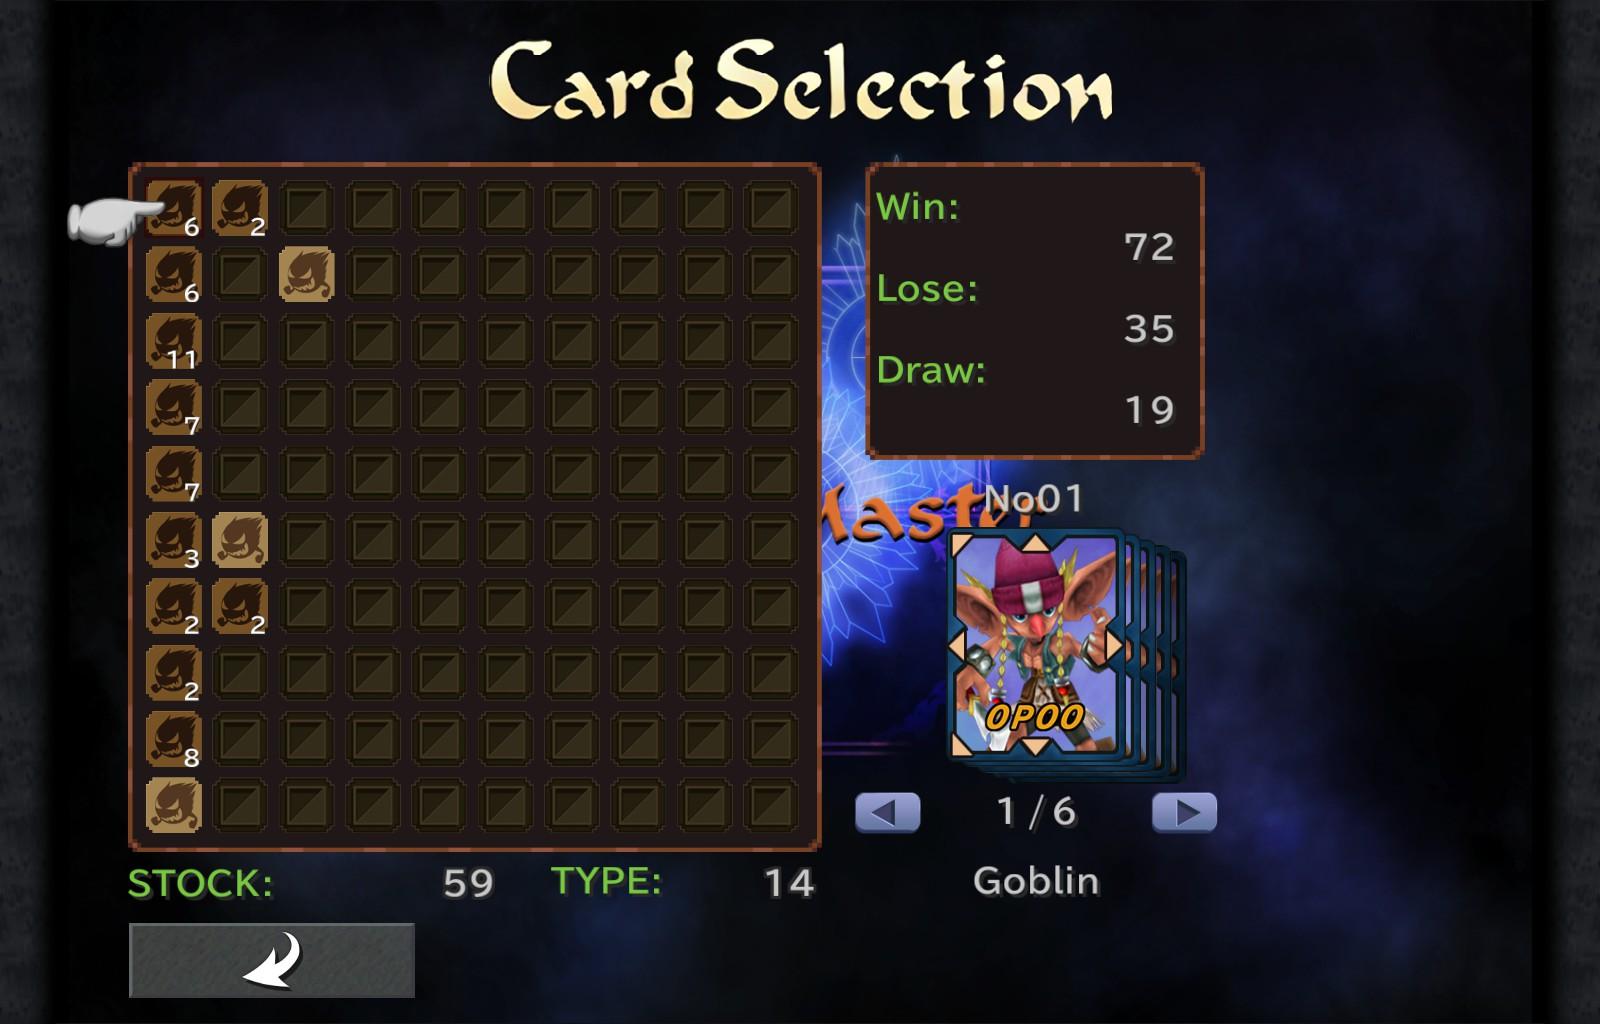 Играть в карты по параметрам казино самп рп команды